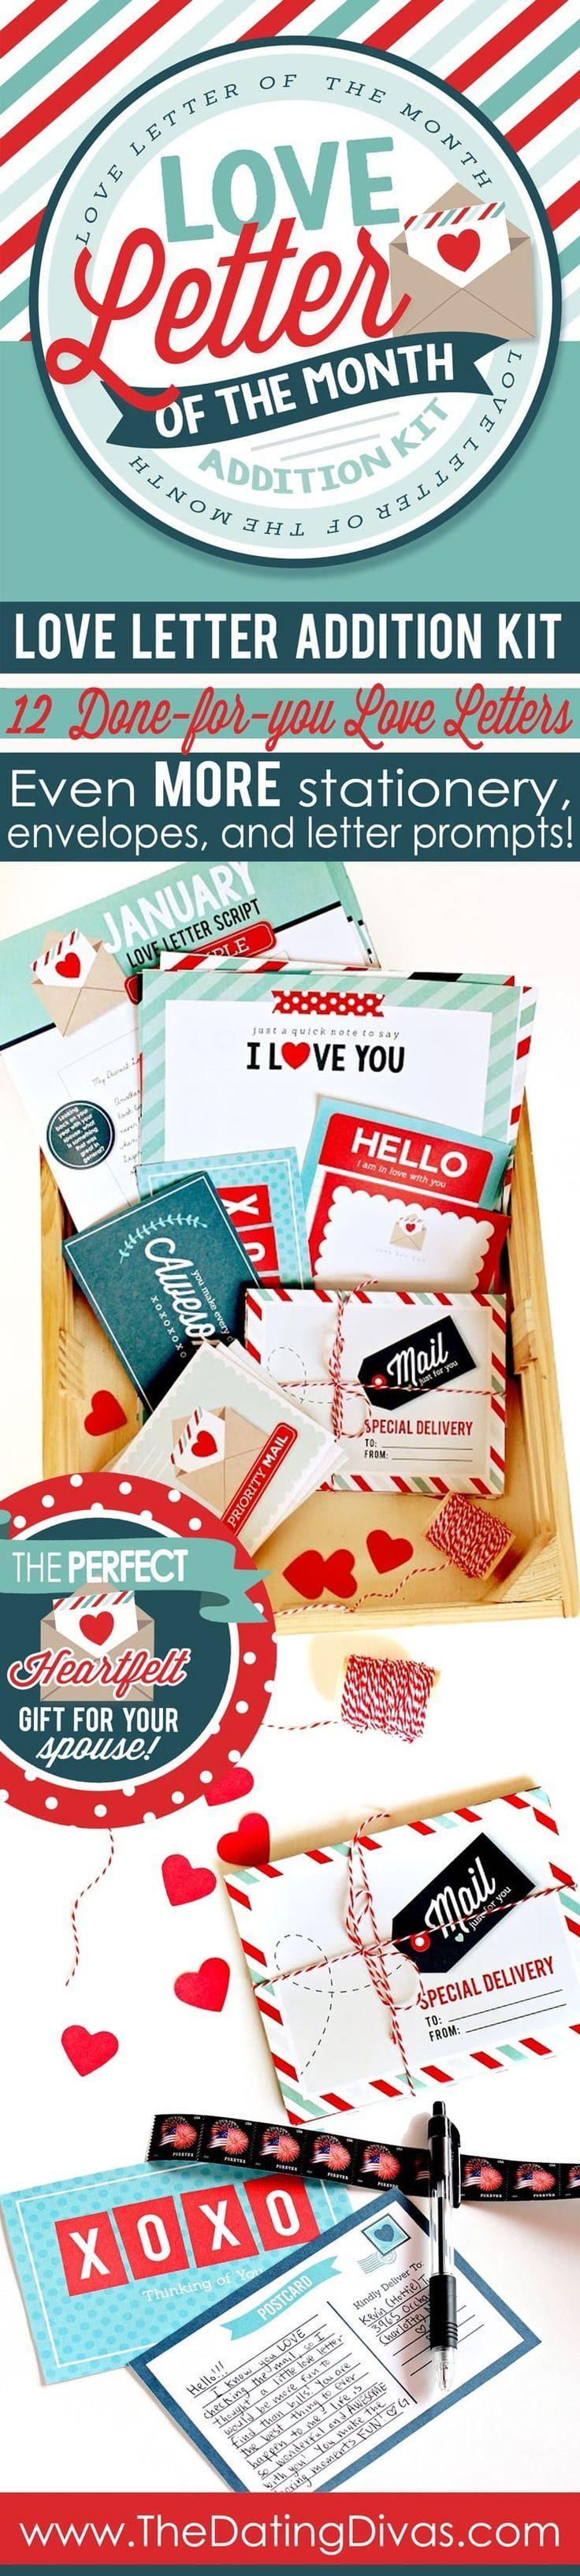 Love Letter Kit 2 0